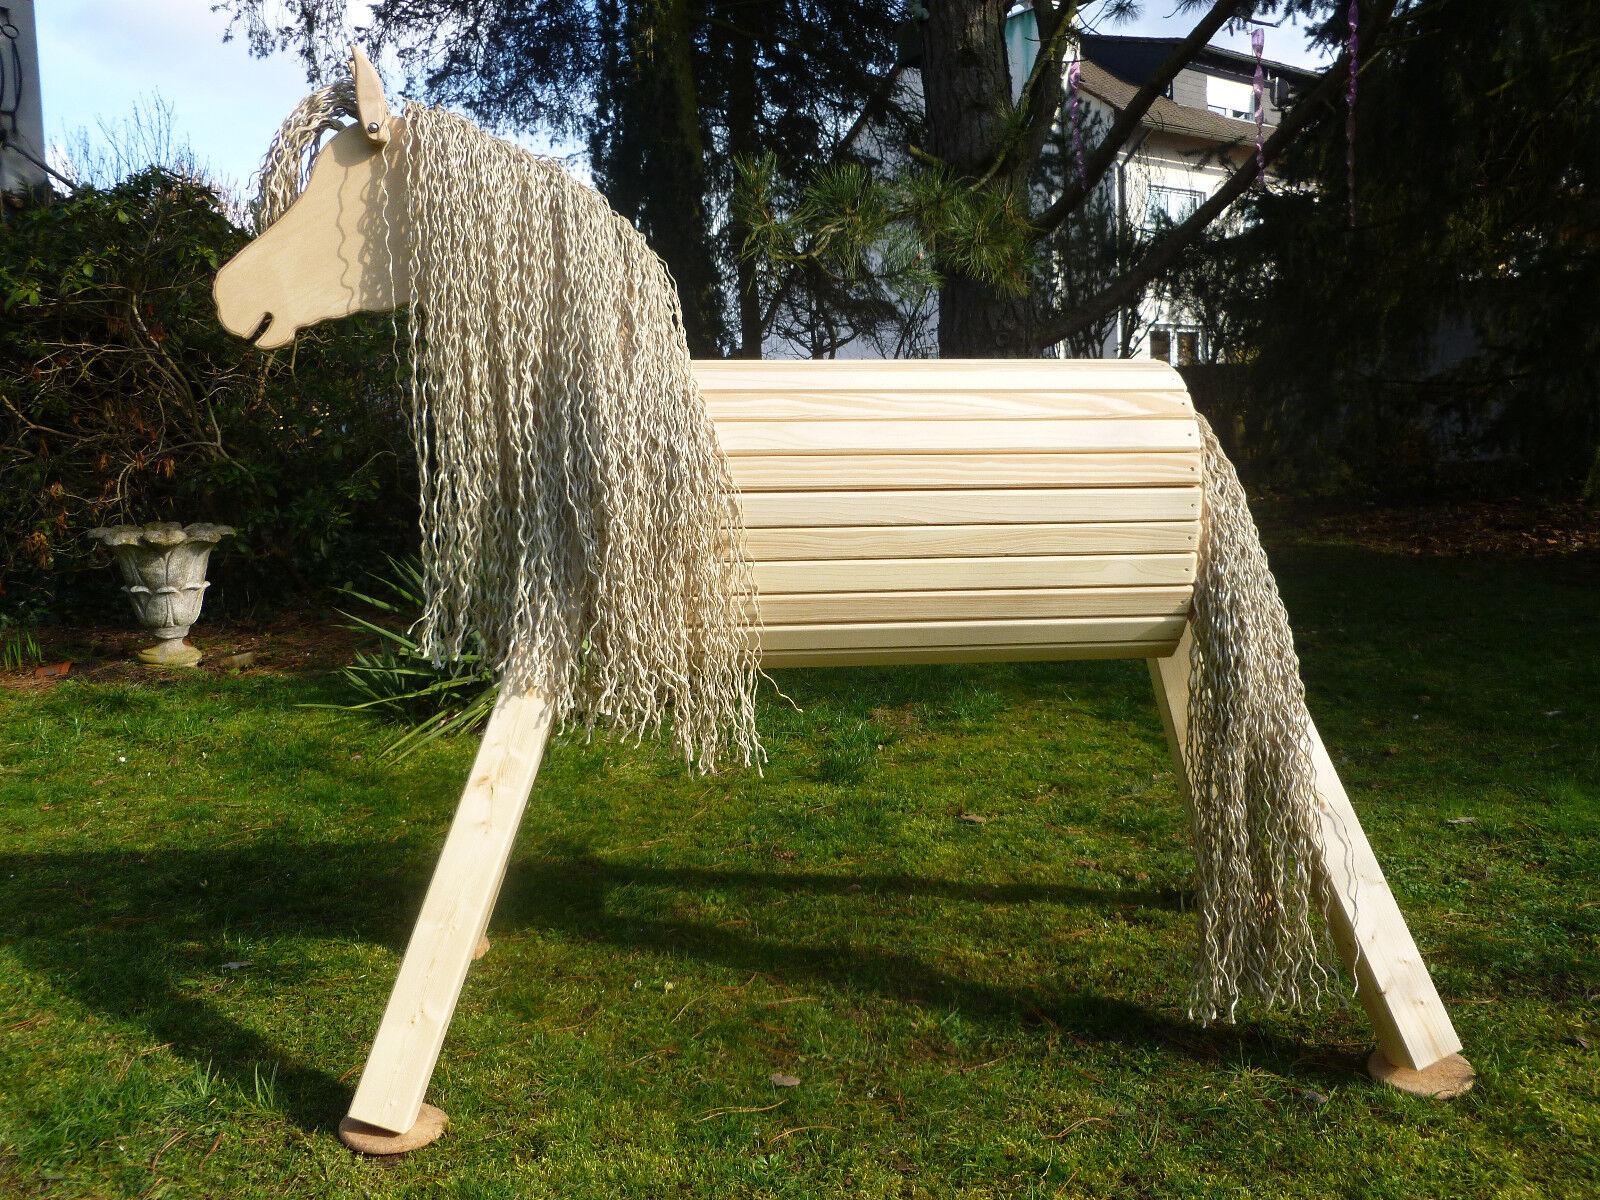 80cm Holzpferd Voltigierpferd Pony Pferd mit Maul für Trense farblos lasiert